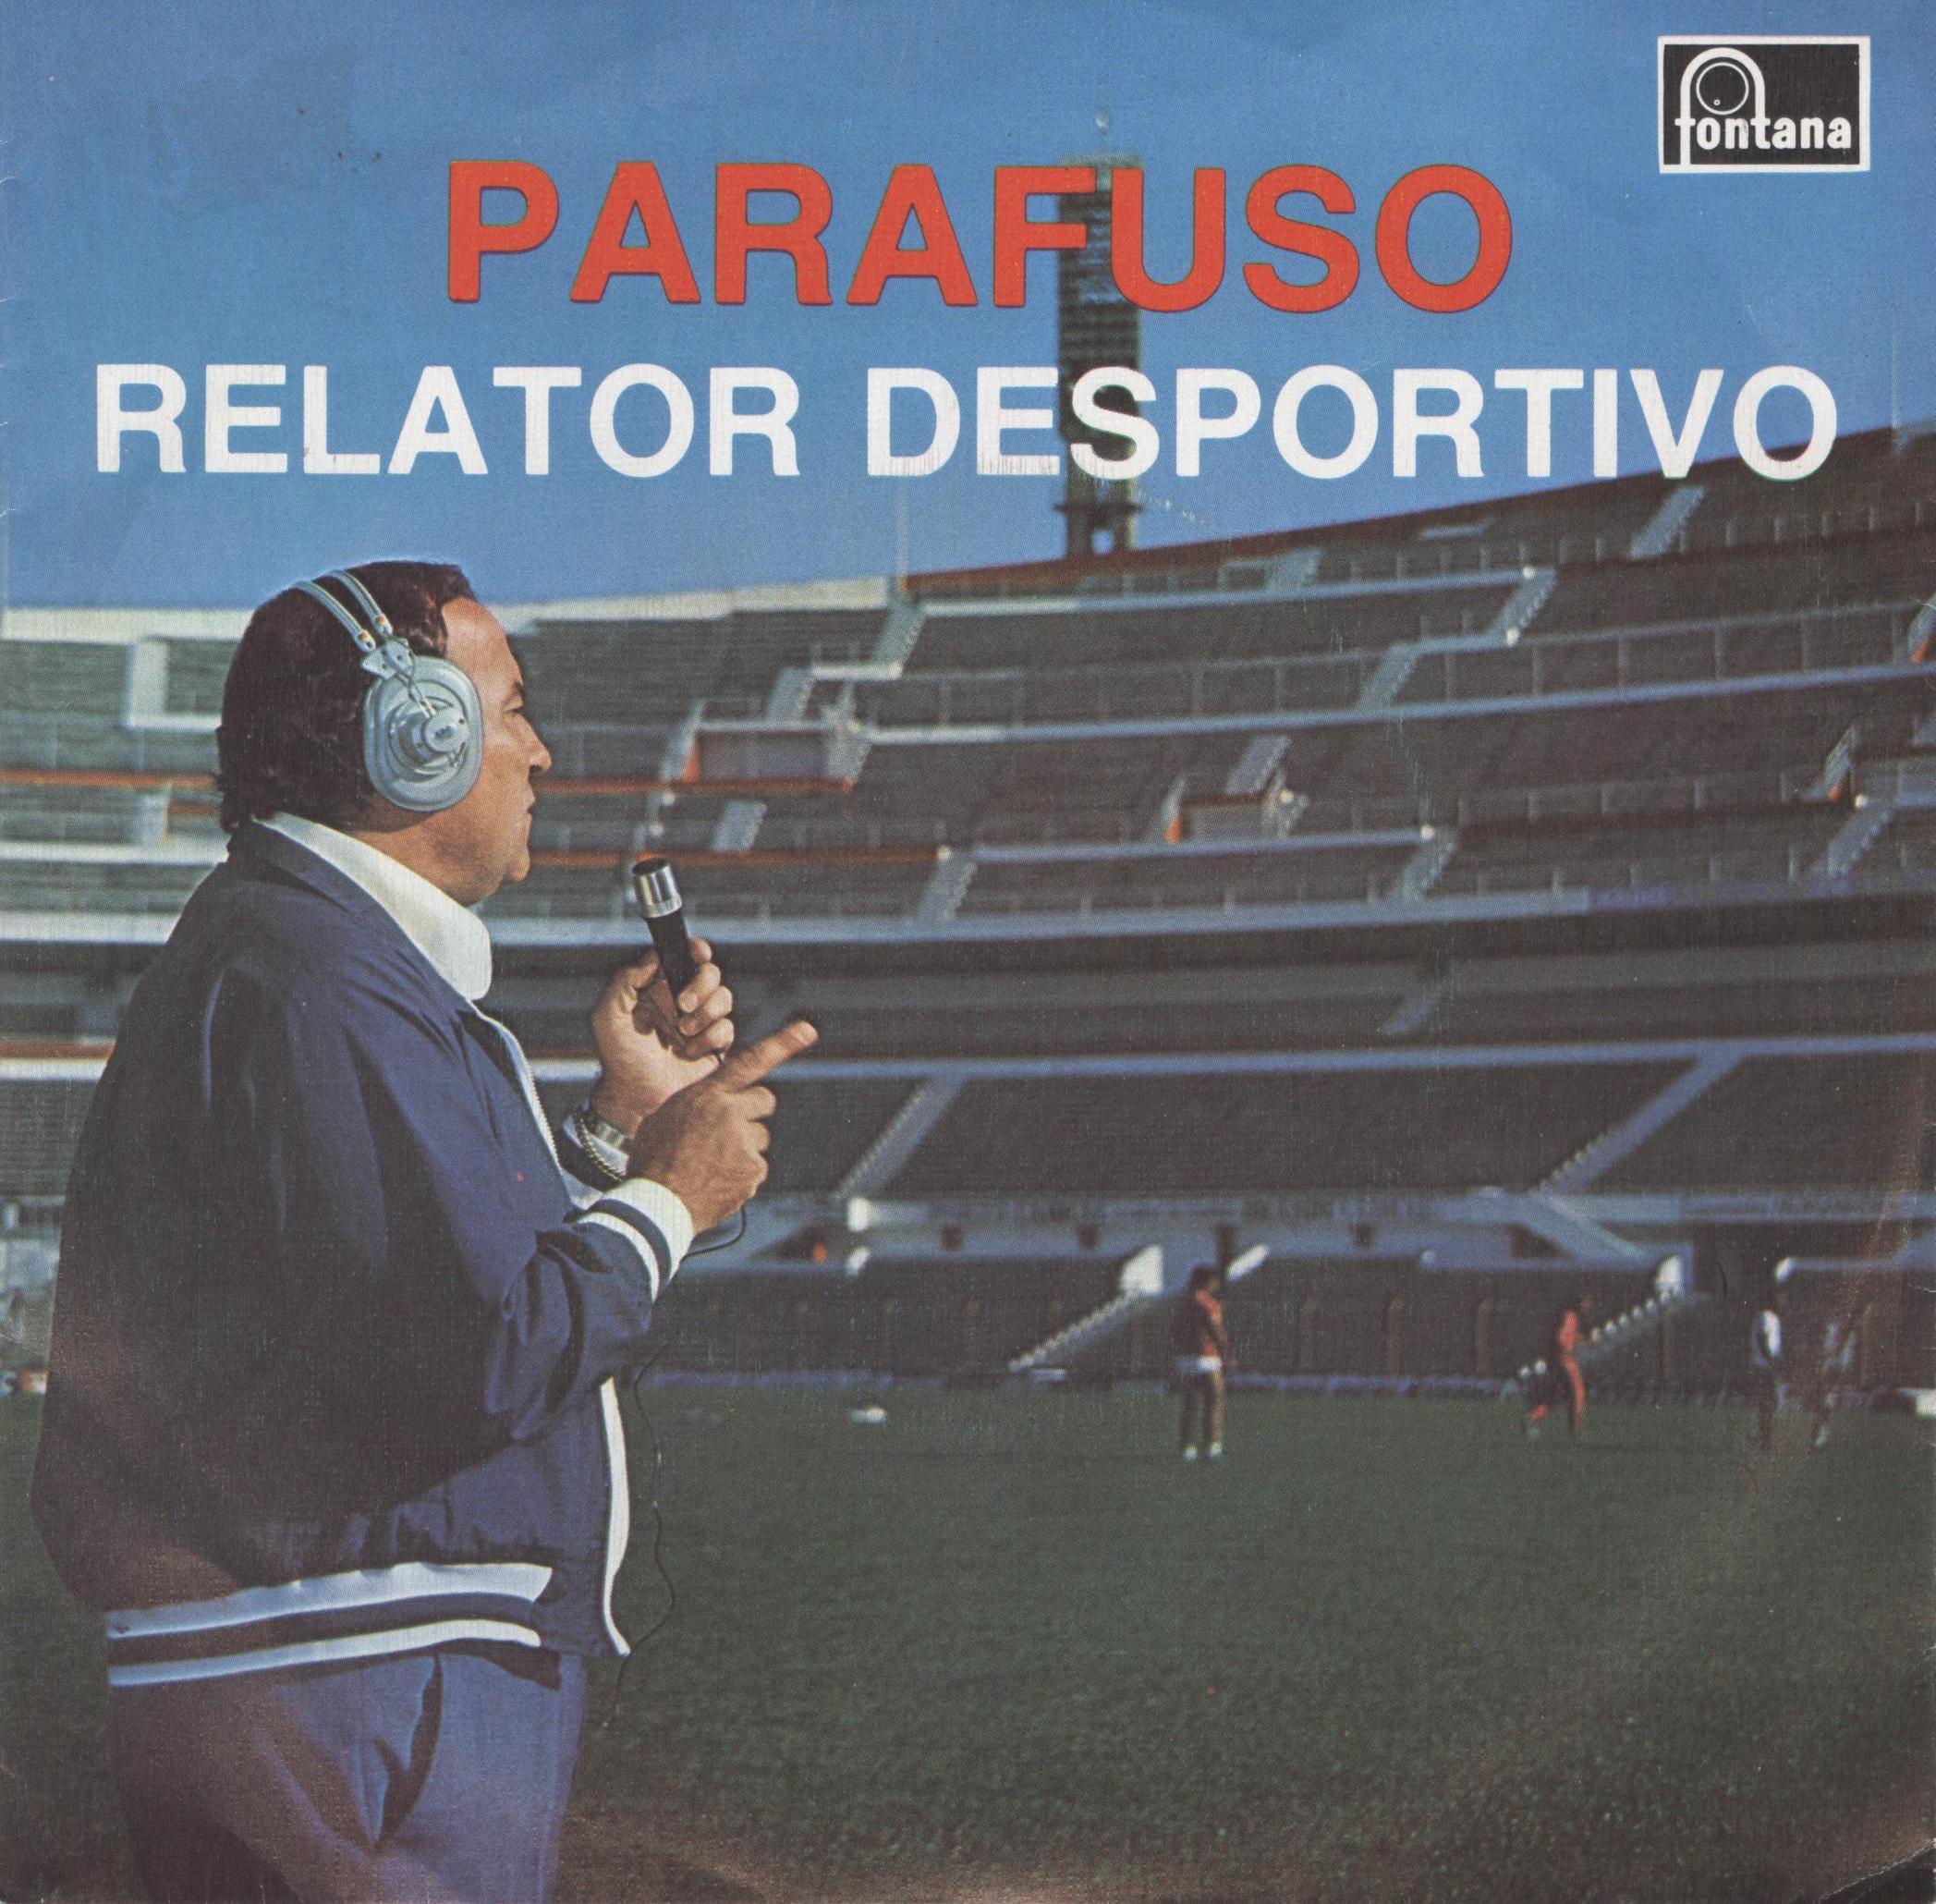 Parafuso - Relator Desportivo